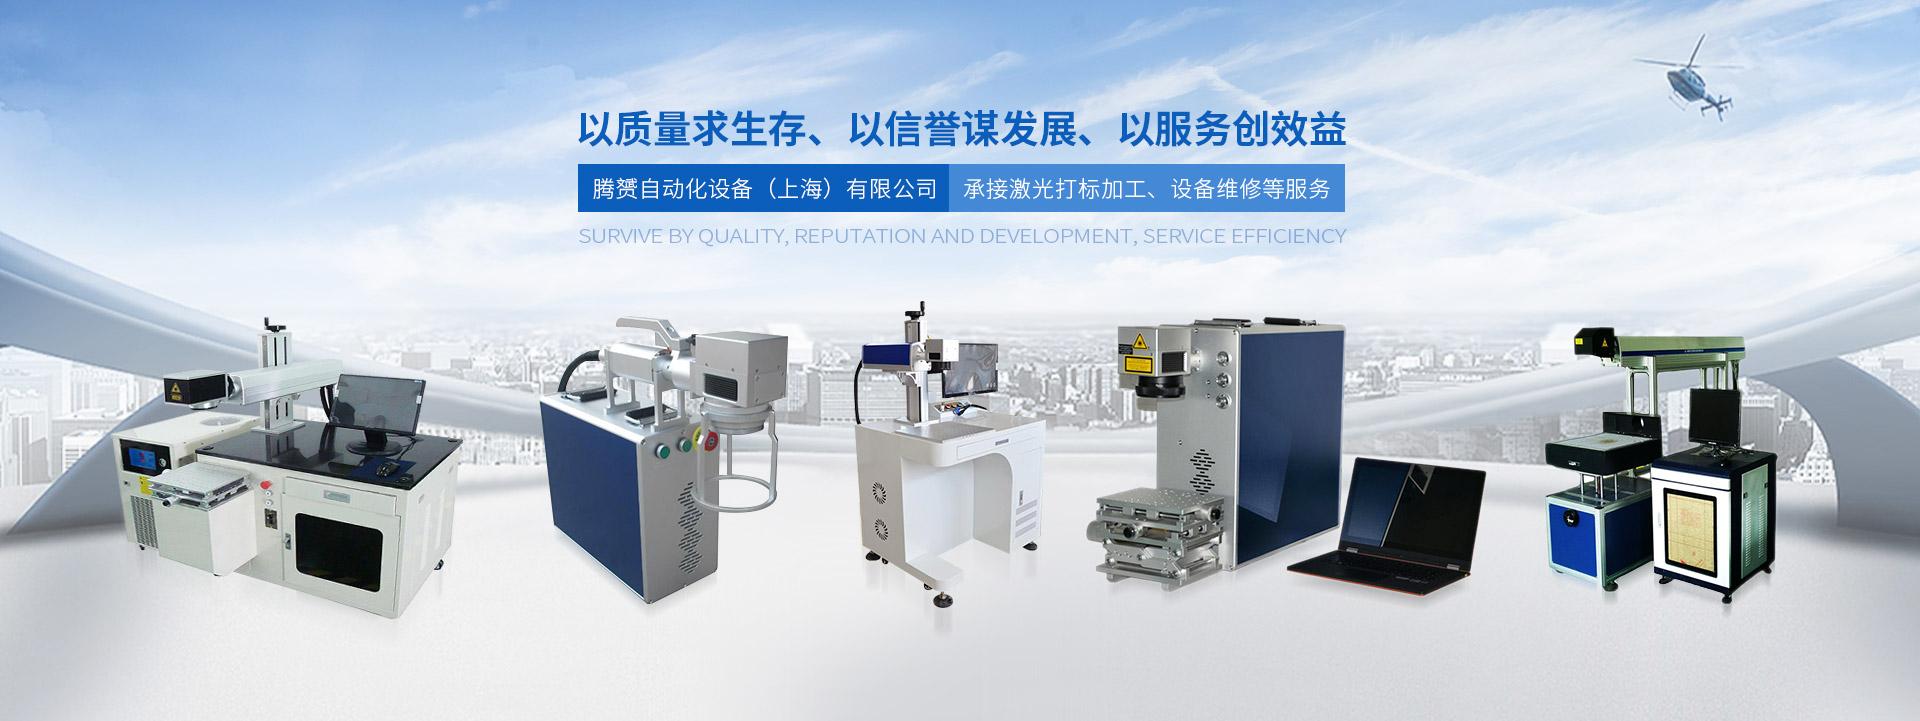 腾赟自动化设备(上海)有限公司